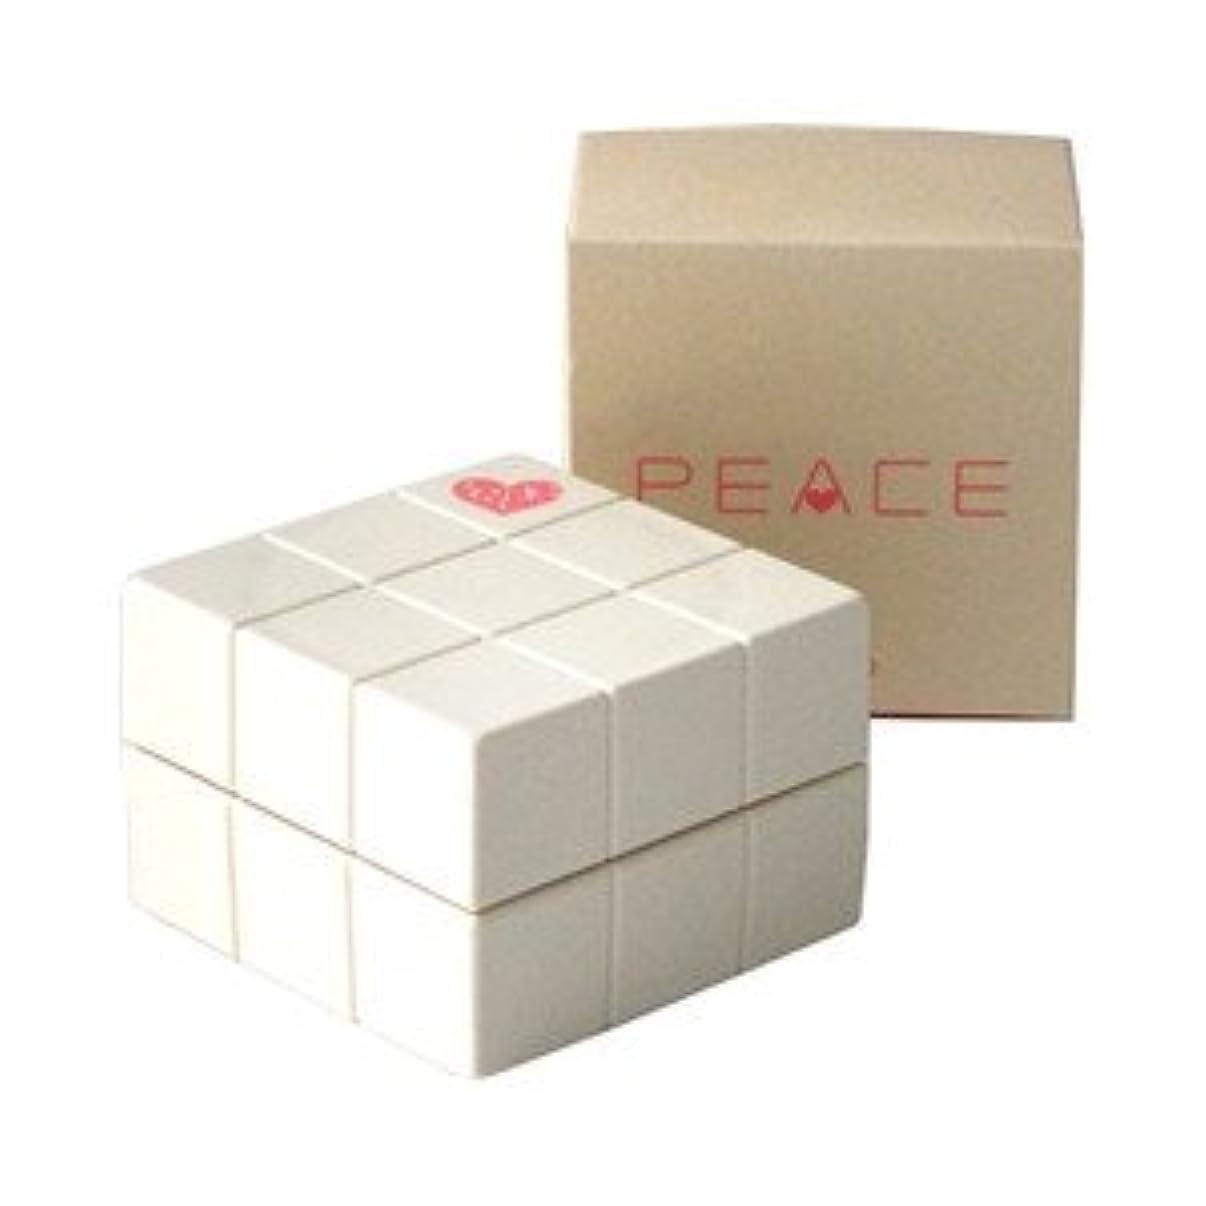 衝動スマイル世界に死んだアリミノ ピース プロデザイン ニュアンスワックス40g ×2個 セット arimino PEACE